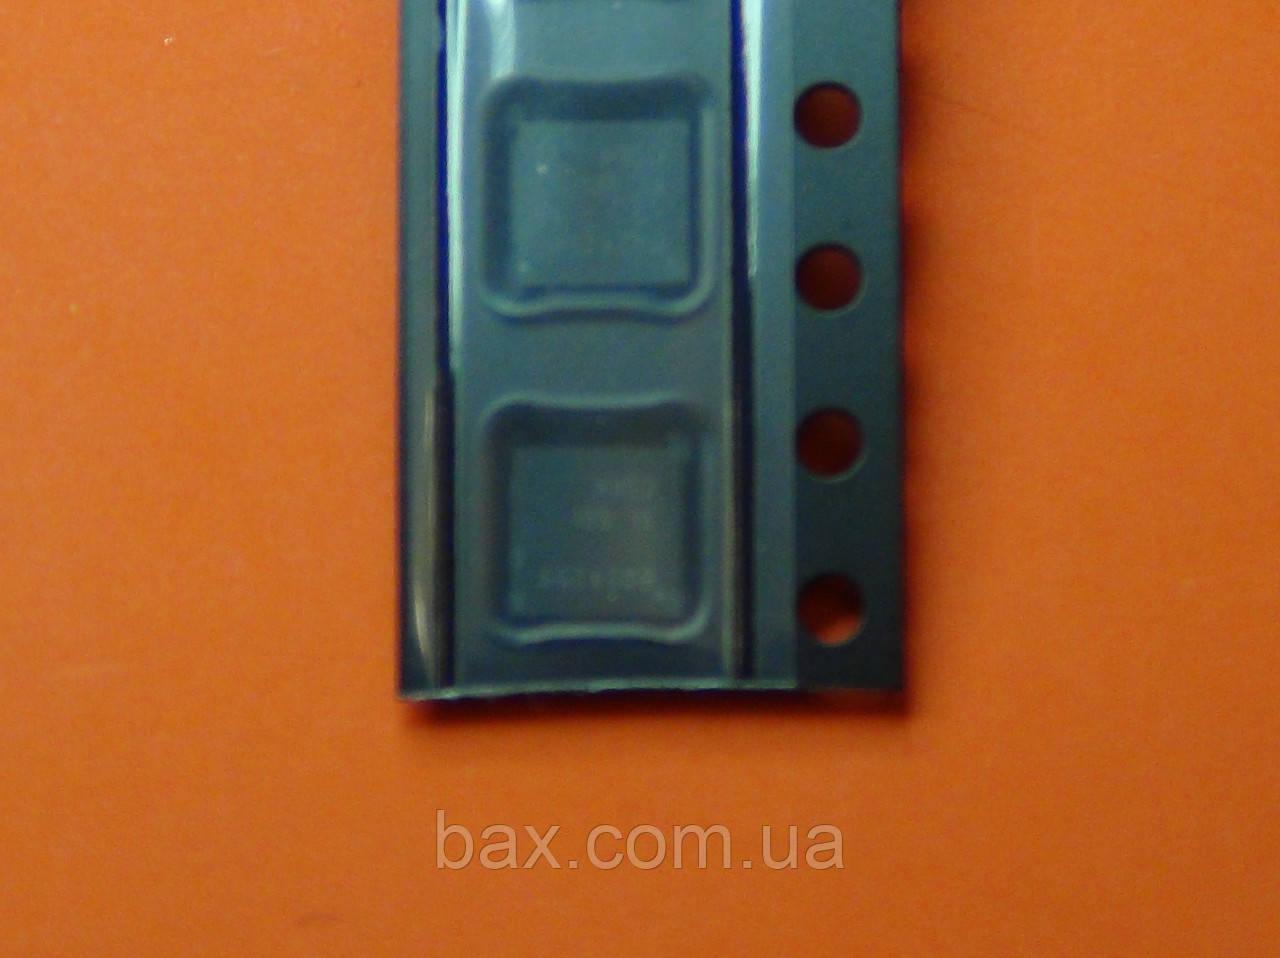 Микросхема контроллер питания BQ24259 Новый в упаковке